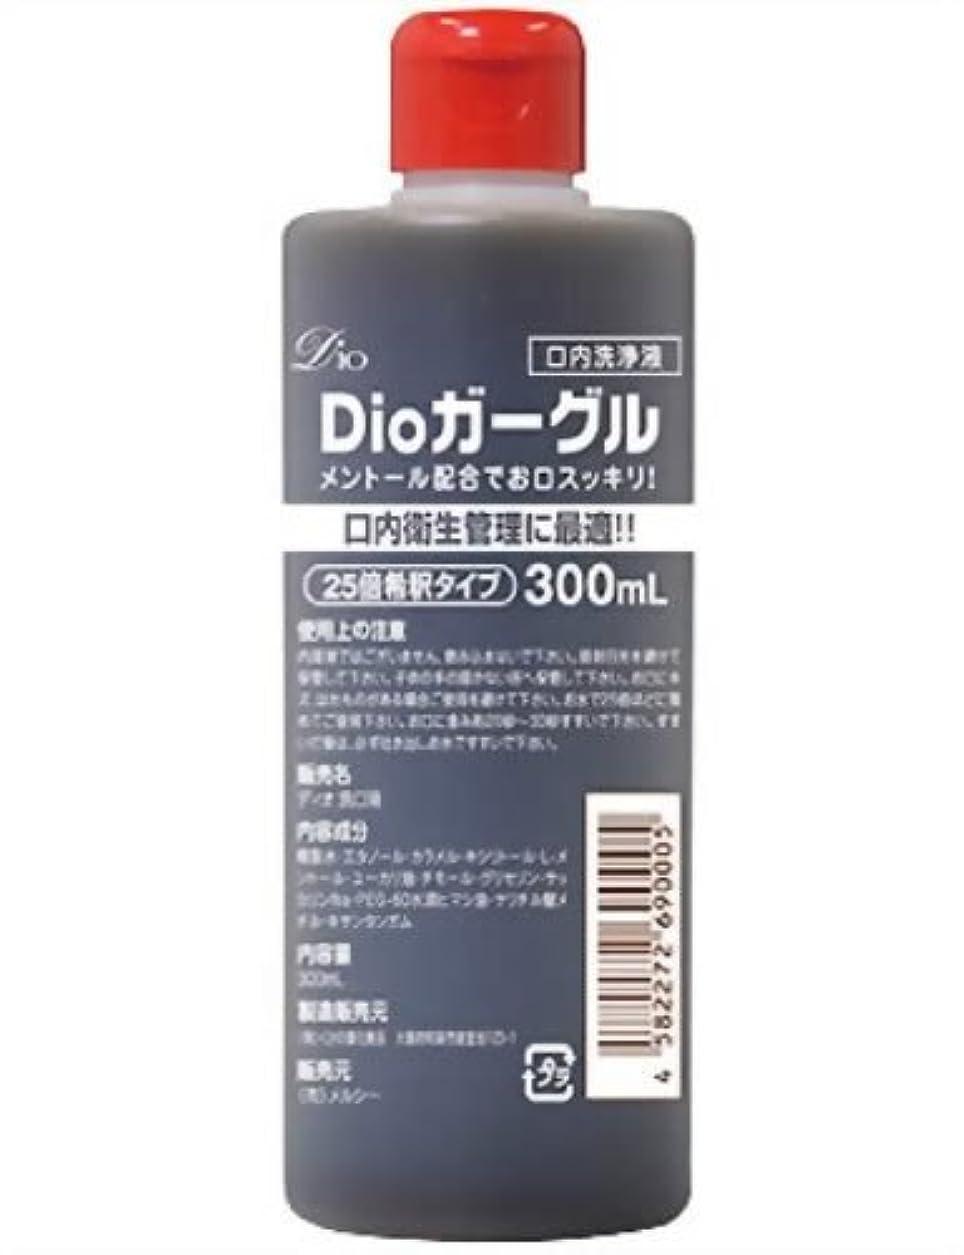 に慣れ決して請求可能【業務用】 Dioガーグル 300ml